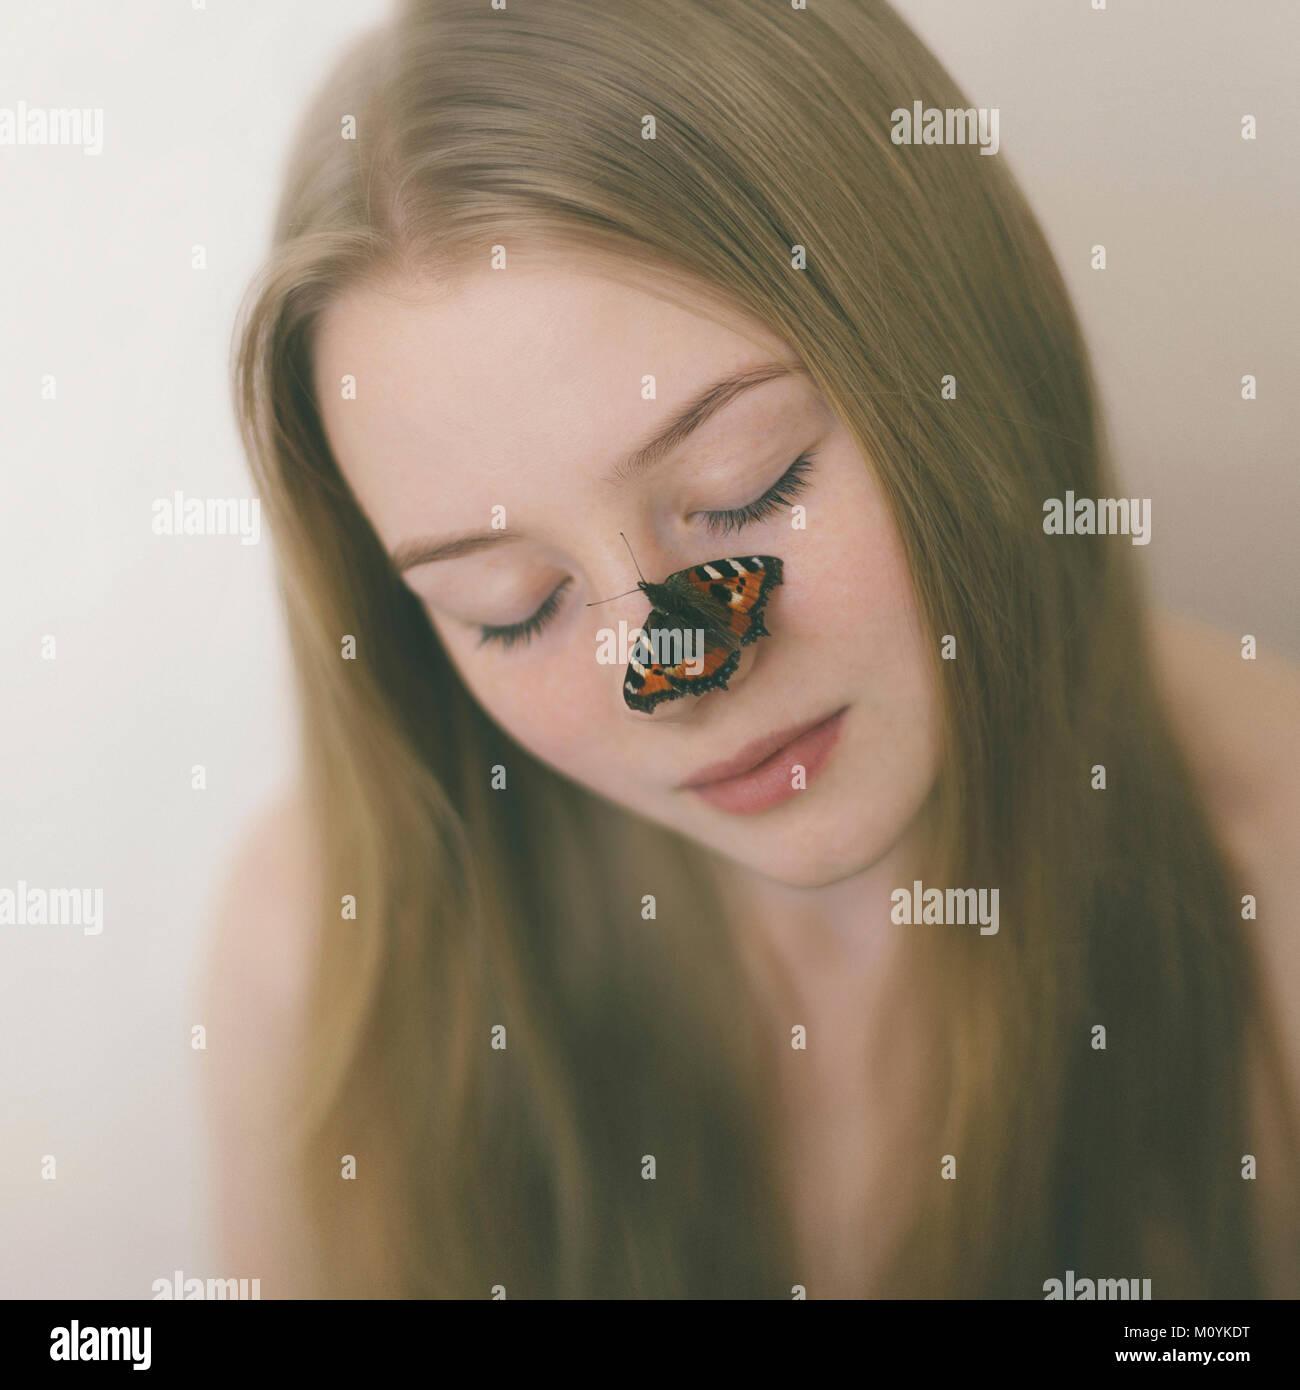 Farfalla sul naso di soggetti di razza caucasica ragazza adolescente Foto Stock